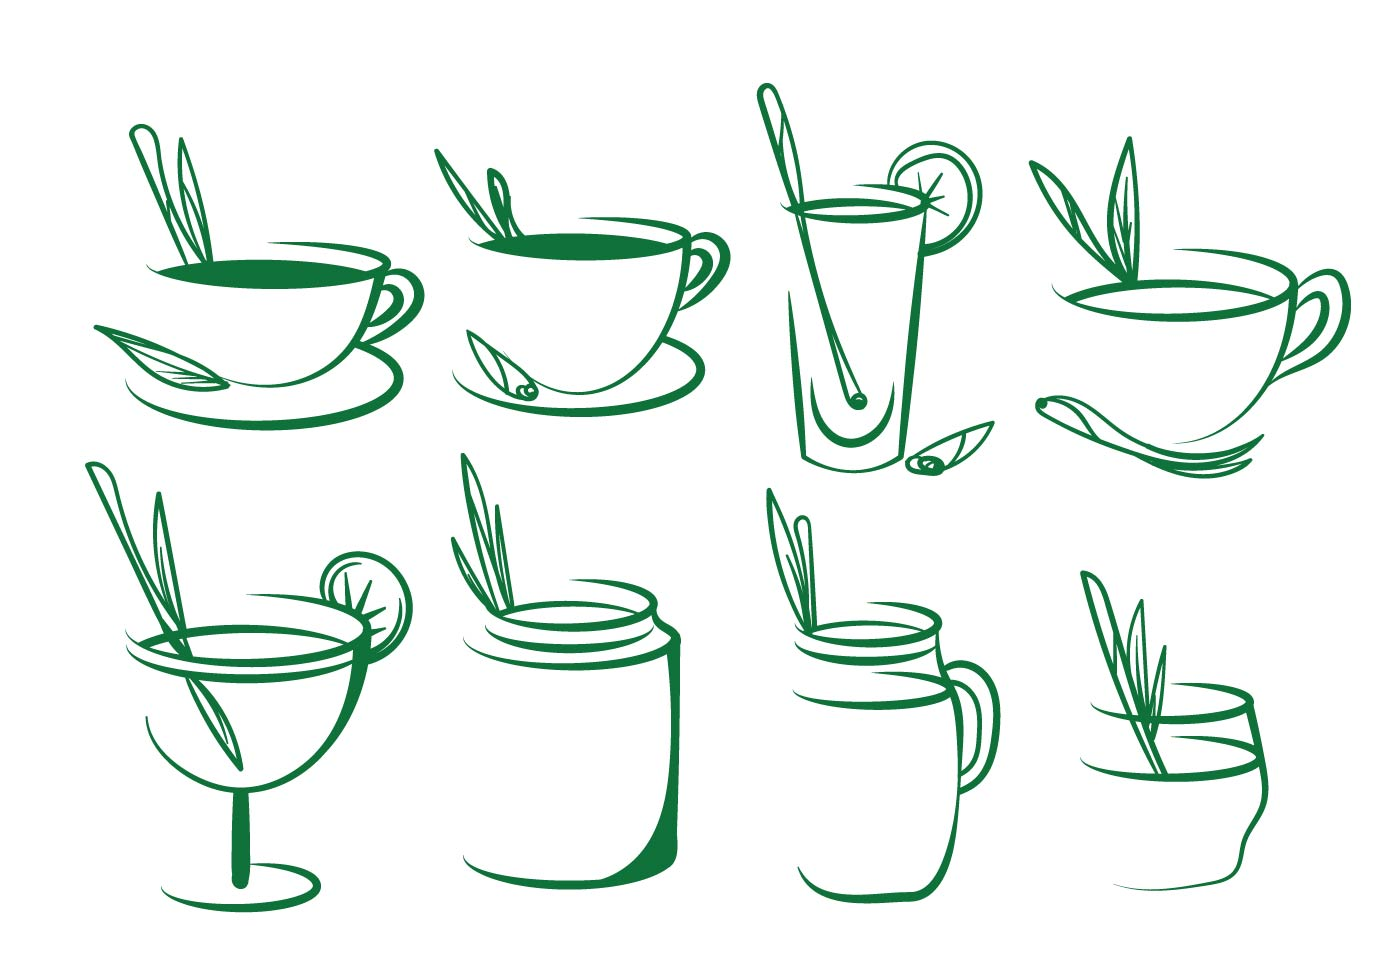 茶葉logo 免費下載 | 天天瘋後製